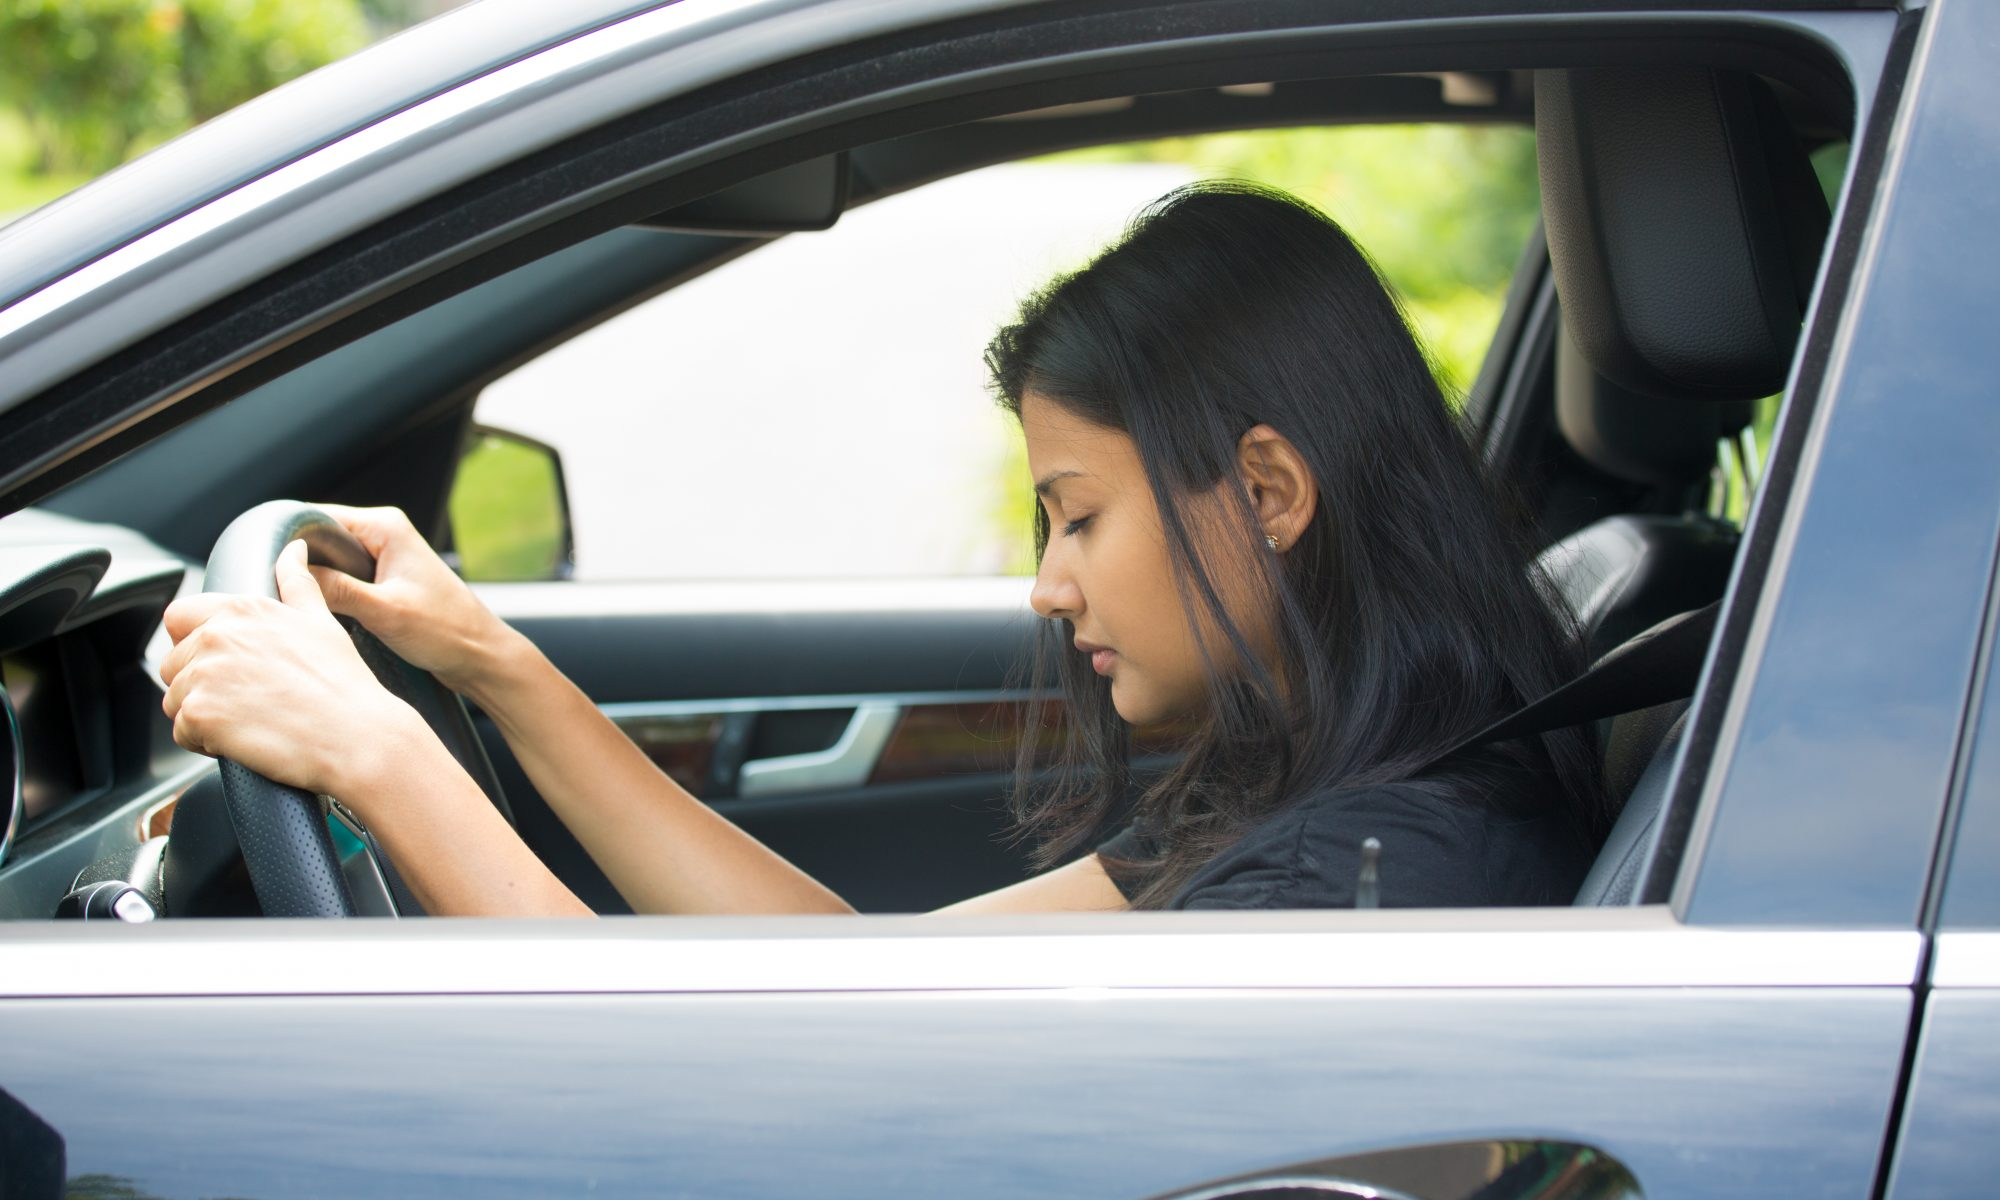 Kvinde kører bil med tegn på træthed på grund af ubehandlet søvnapnø